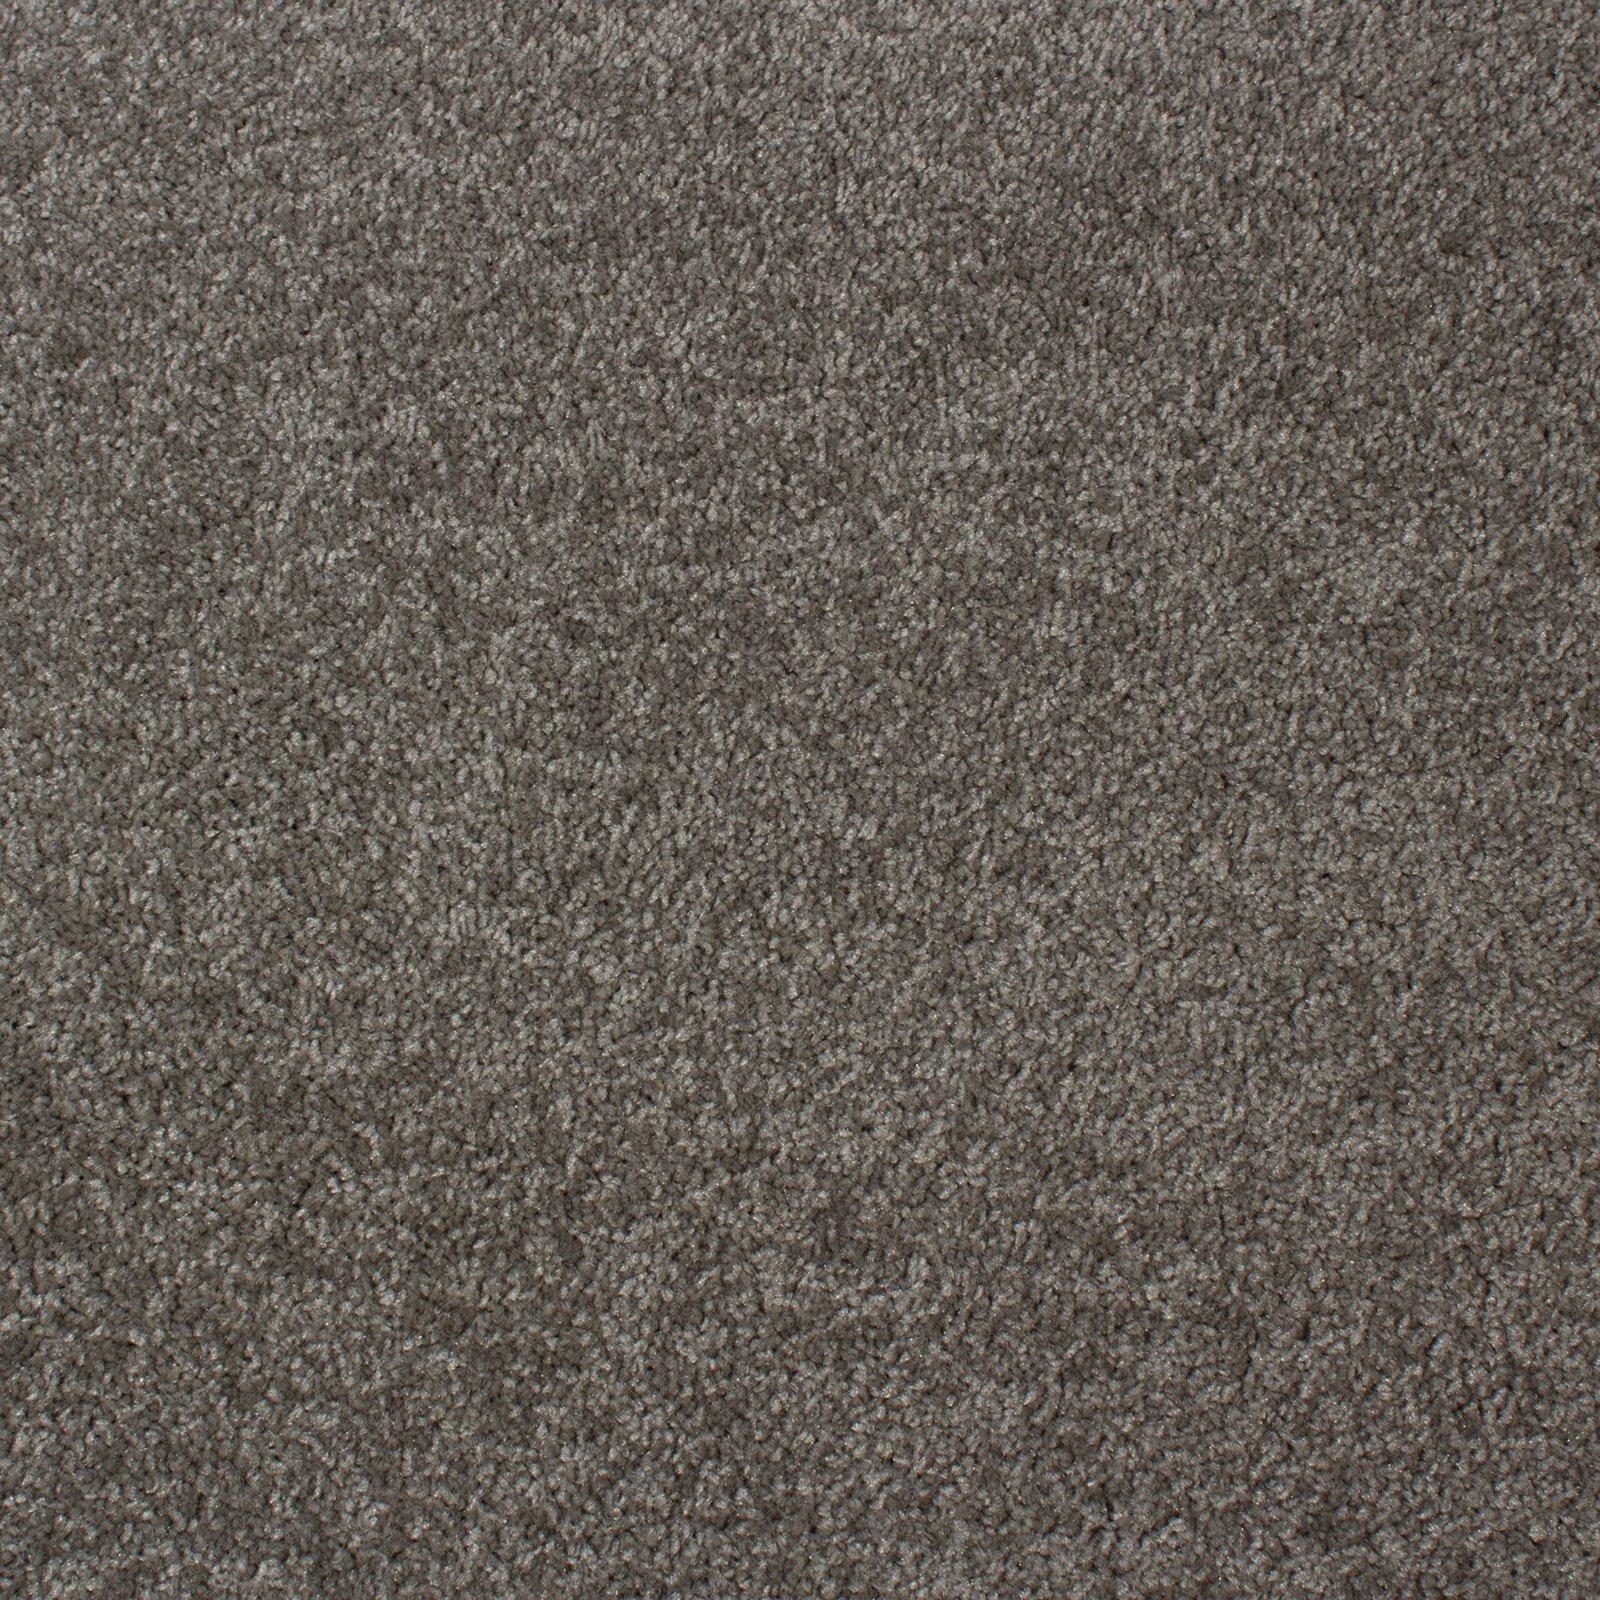 teppichboden nocturne grau 4 meter breit. Black Bedroom Furniture Sets. Home Design Ideas